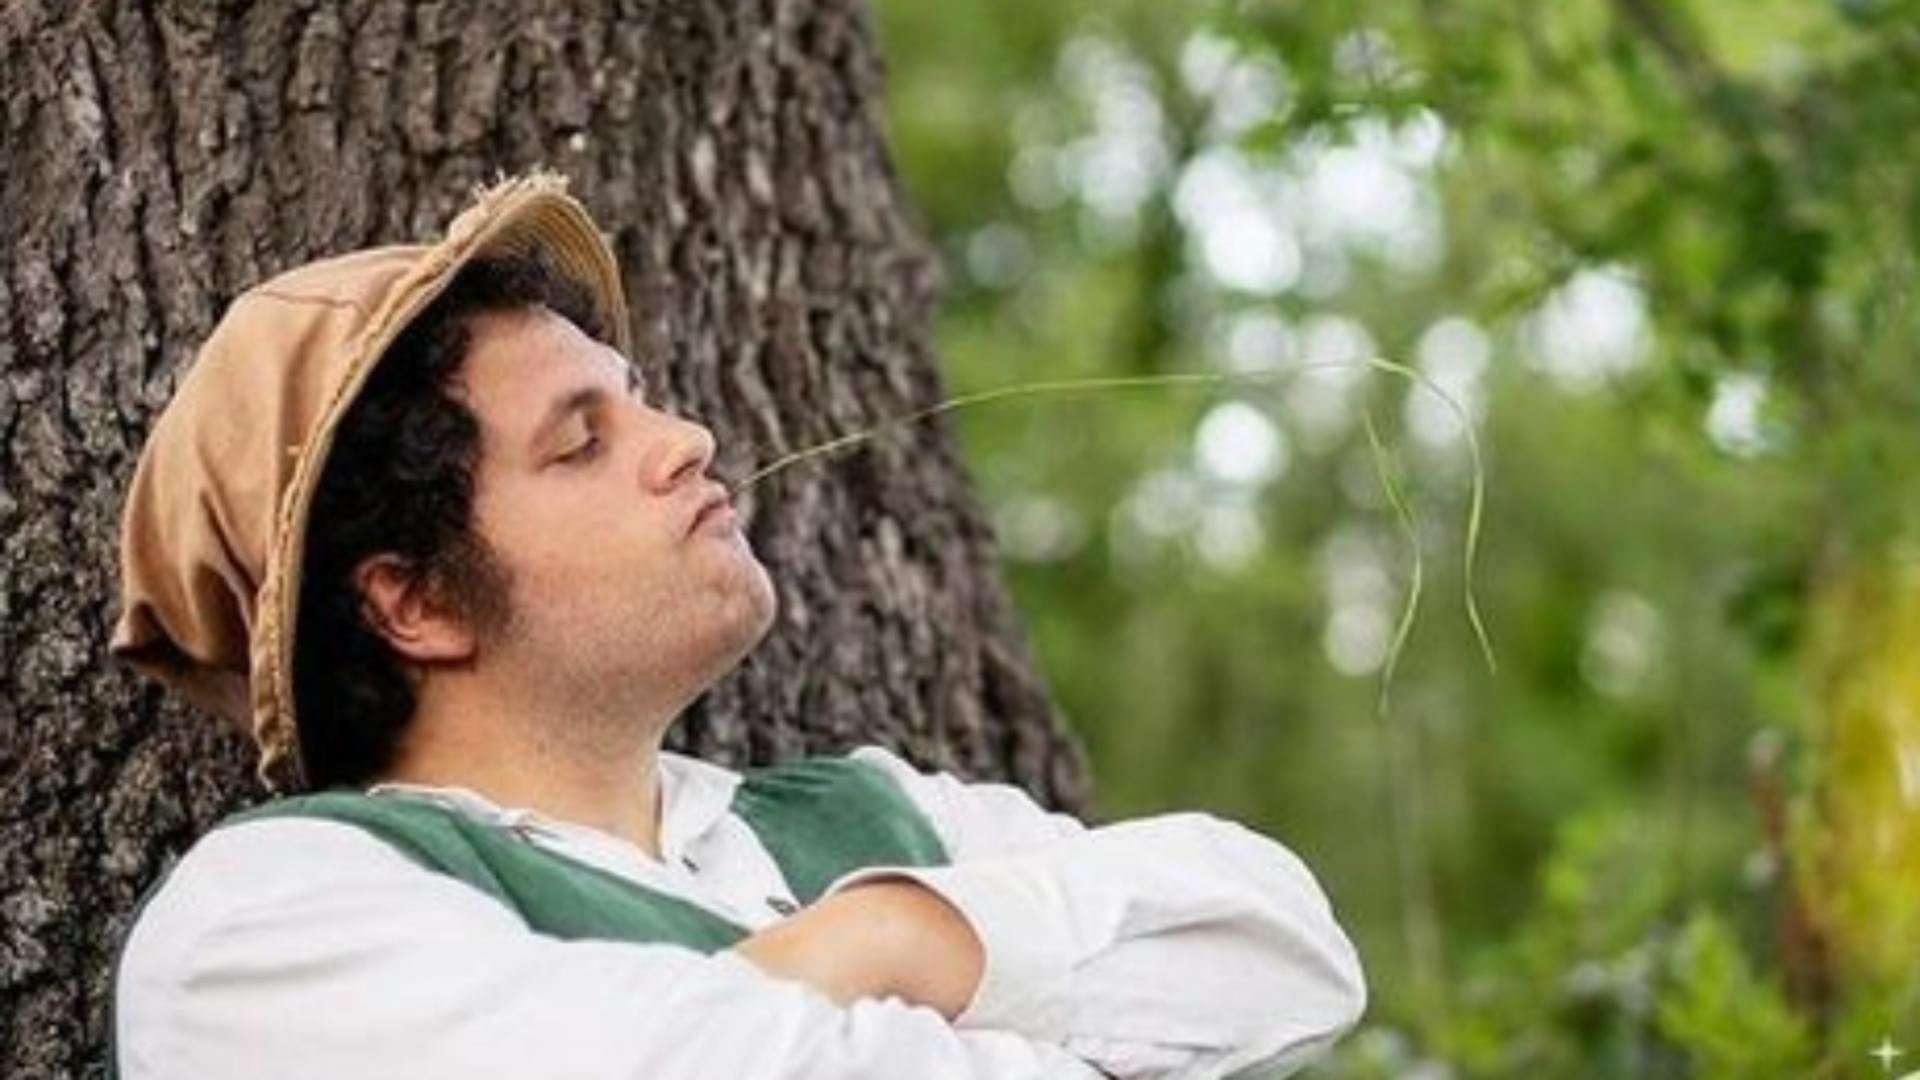 Viață de poveste pentru un italian - Trăiește, de 3 ani, ca un hobbit, în pădure